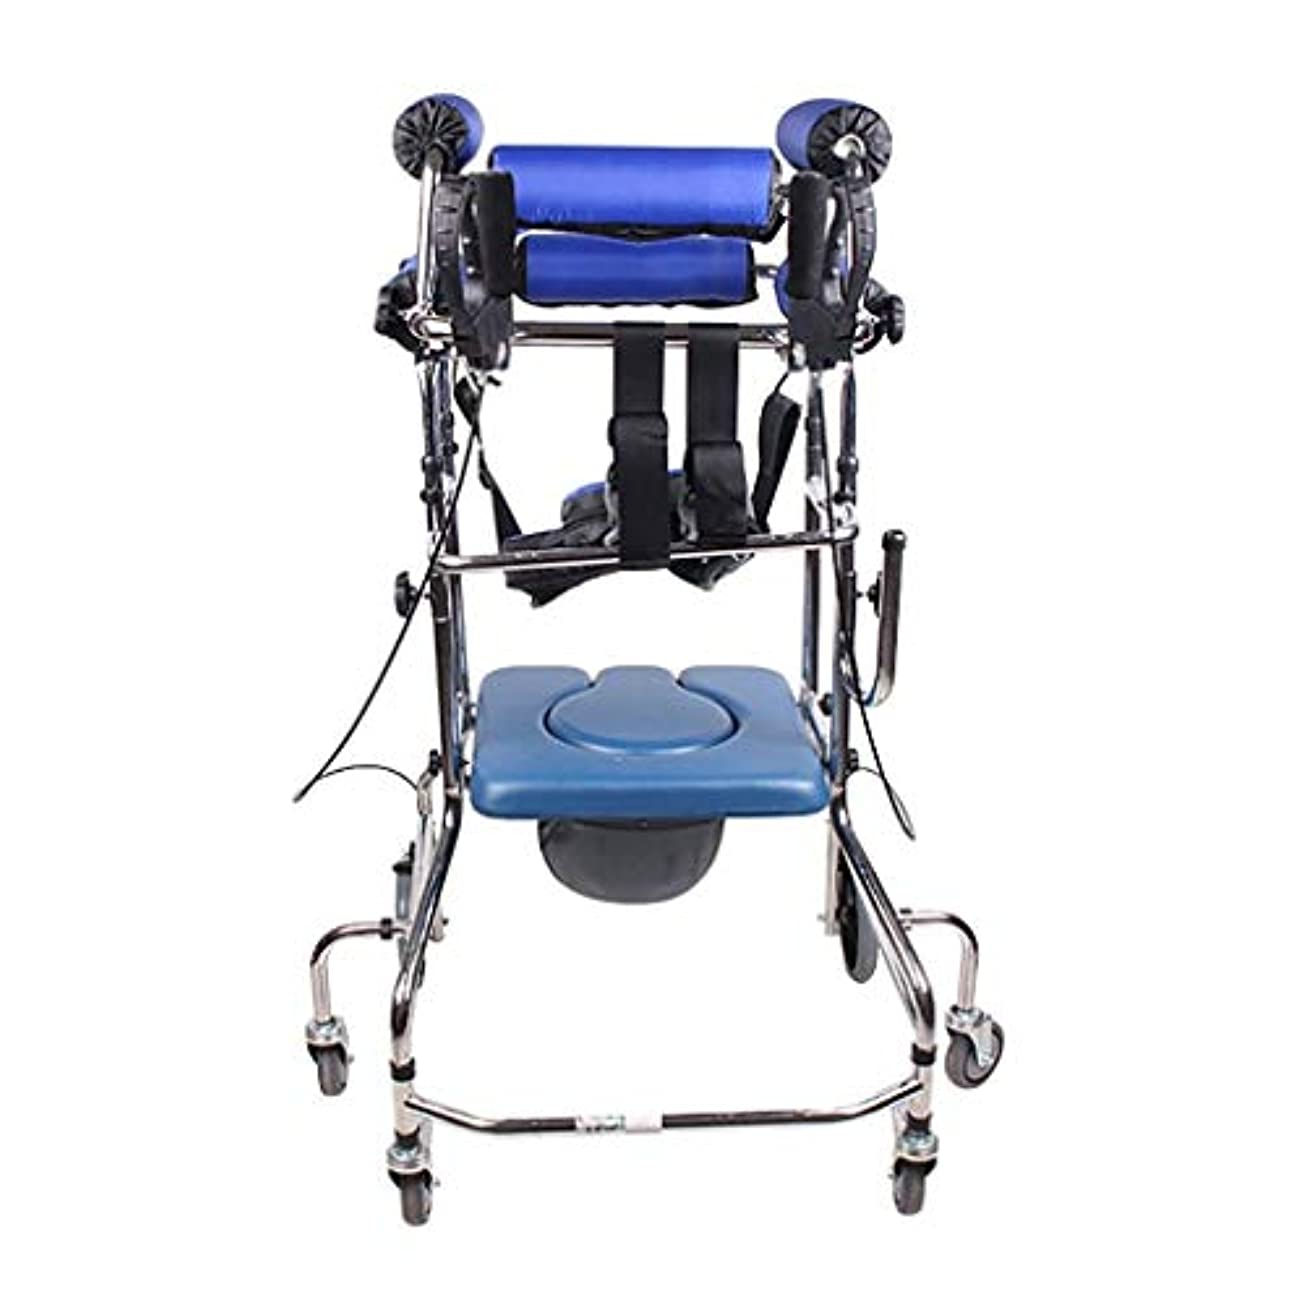 置くためにパック蜜寛大な多機能下肢トレーニングウォーキングスタンド、調整可能な便器椅子